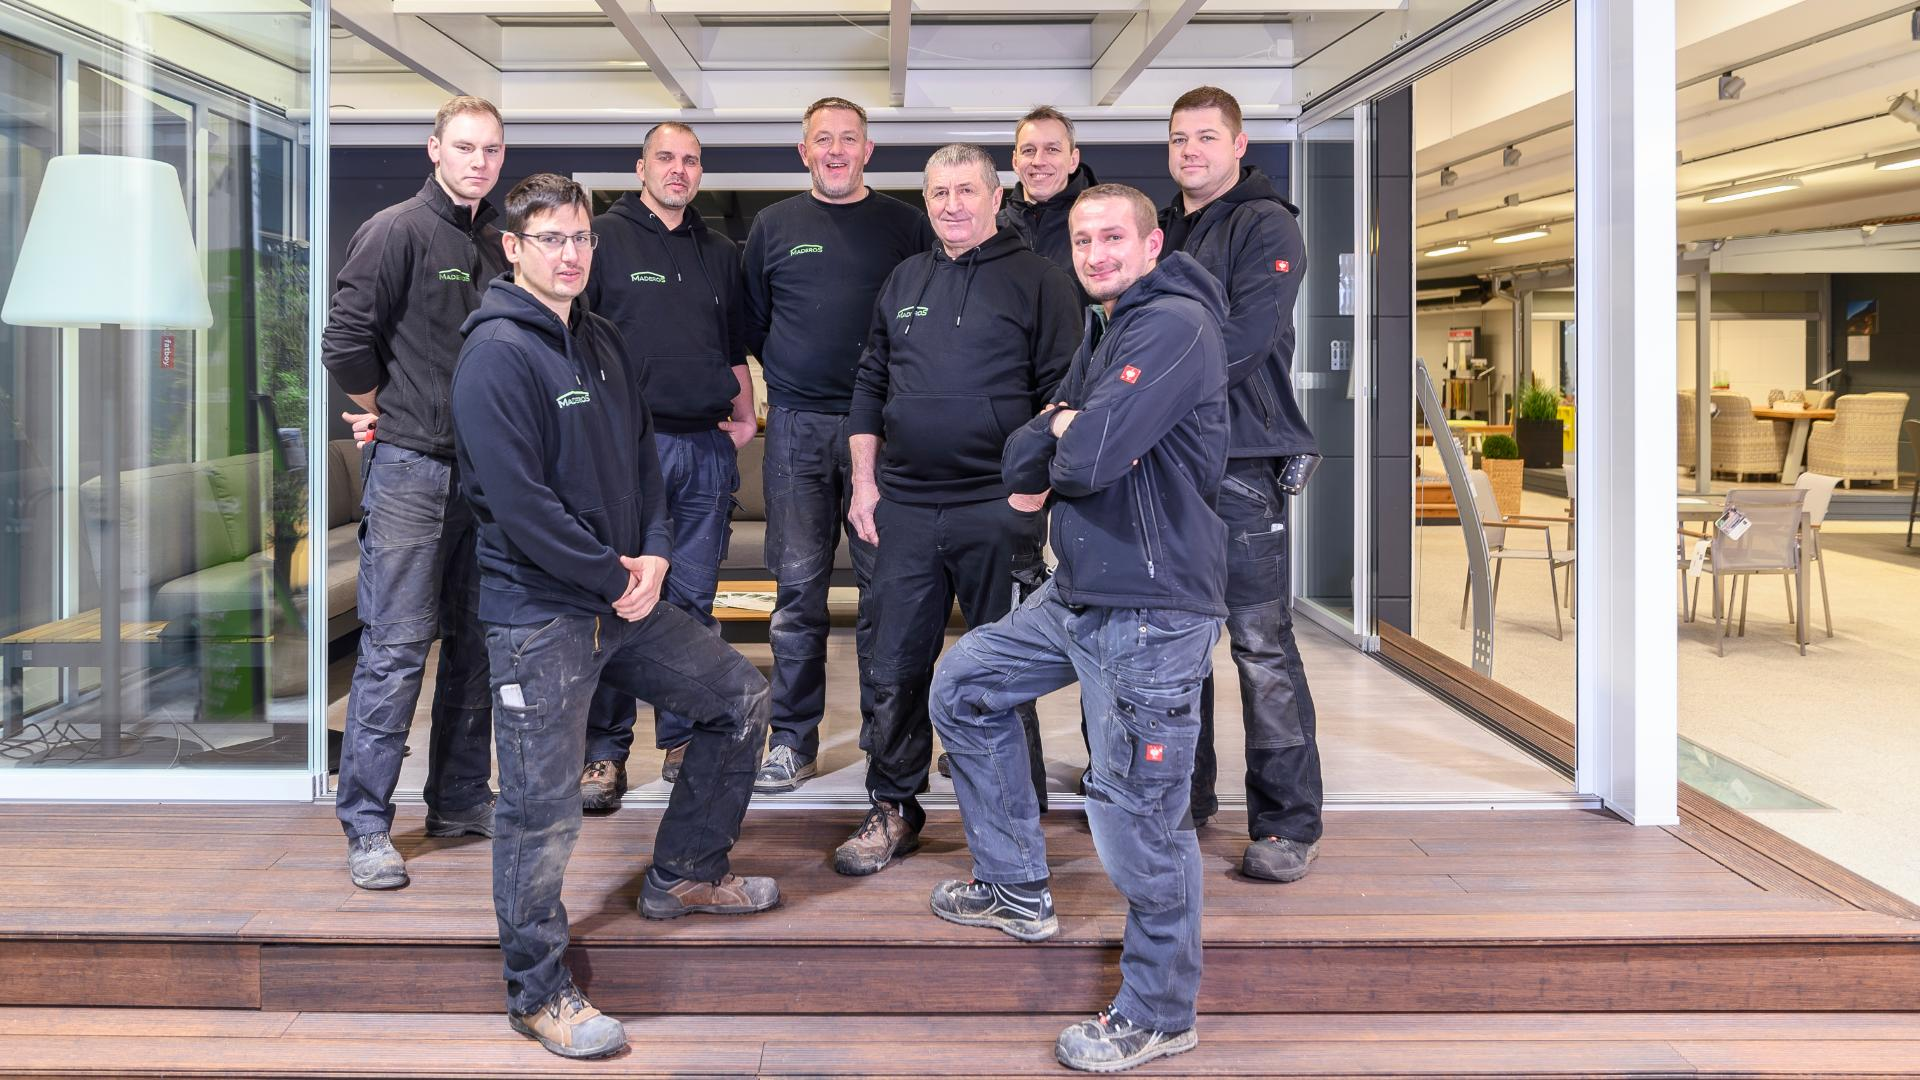 Gruppenbild der Montage-Mitarbeiter von Maderos in deren Ausstellung in Rosengarten/Nenndorf